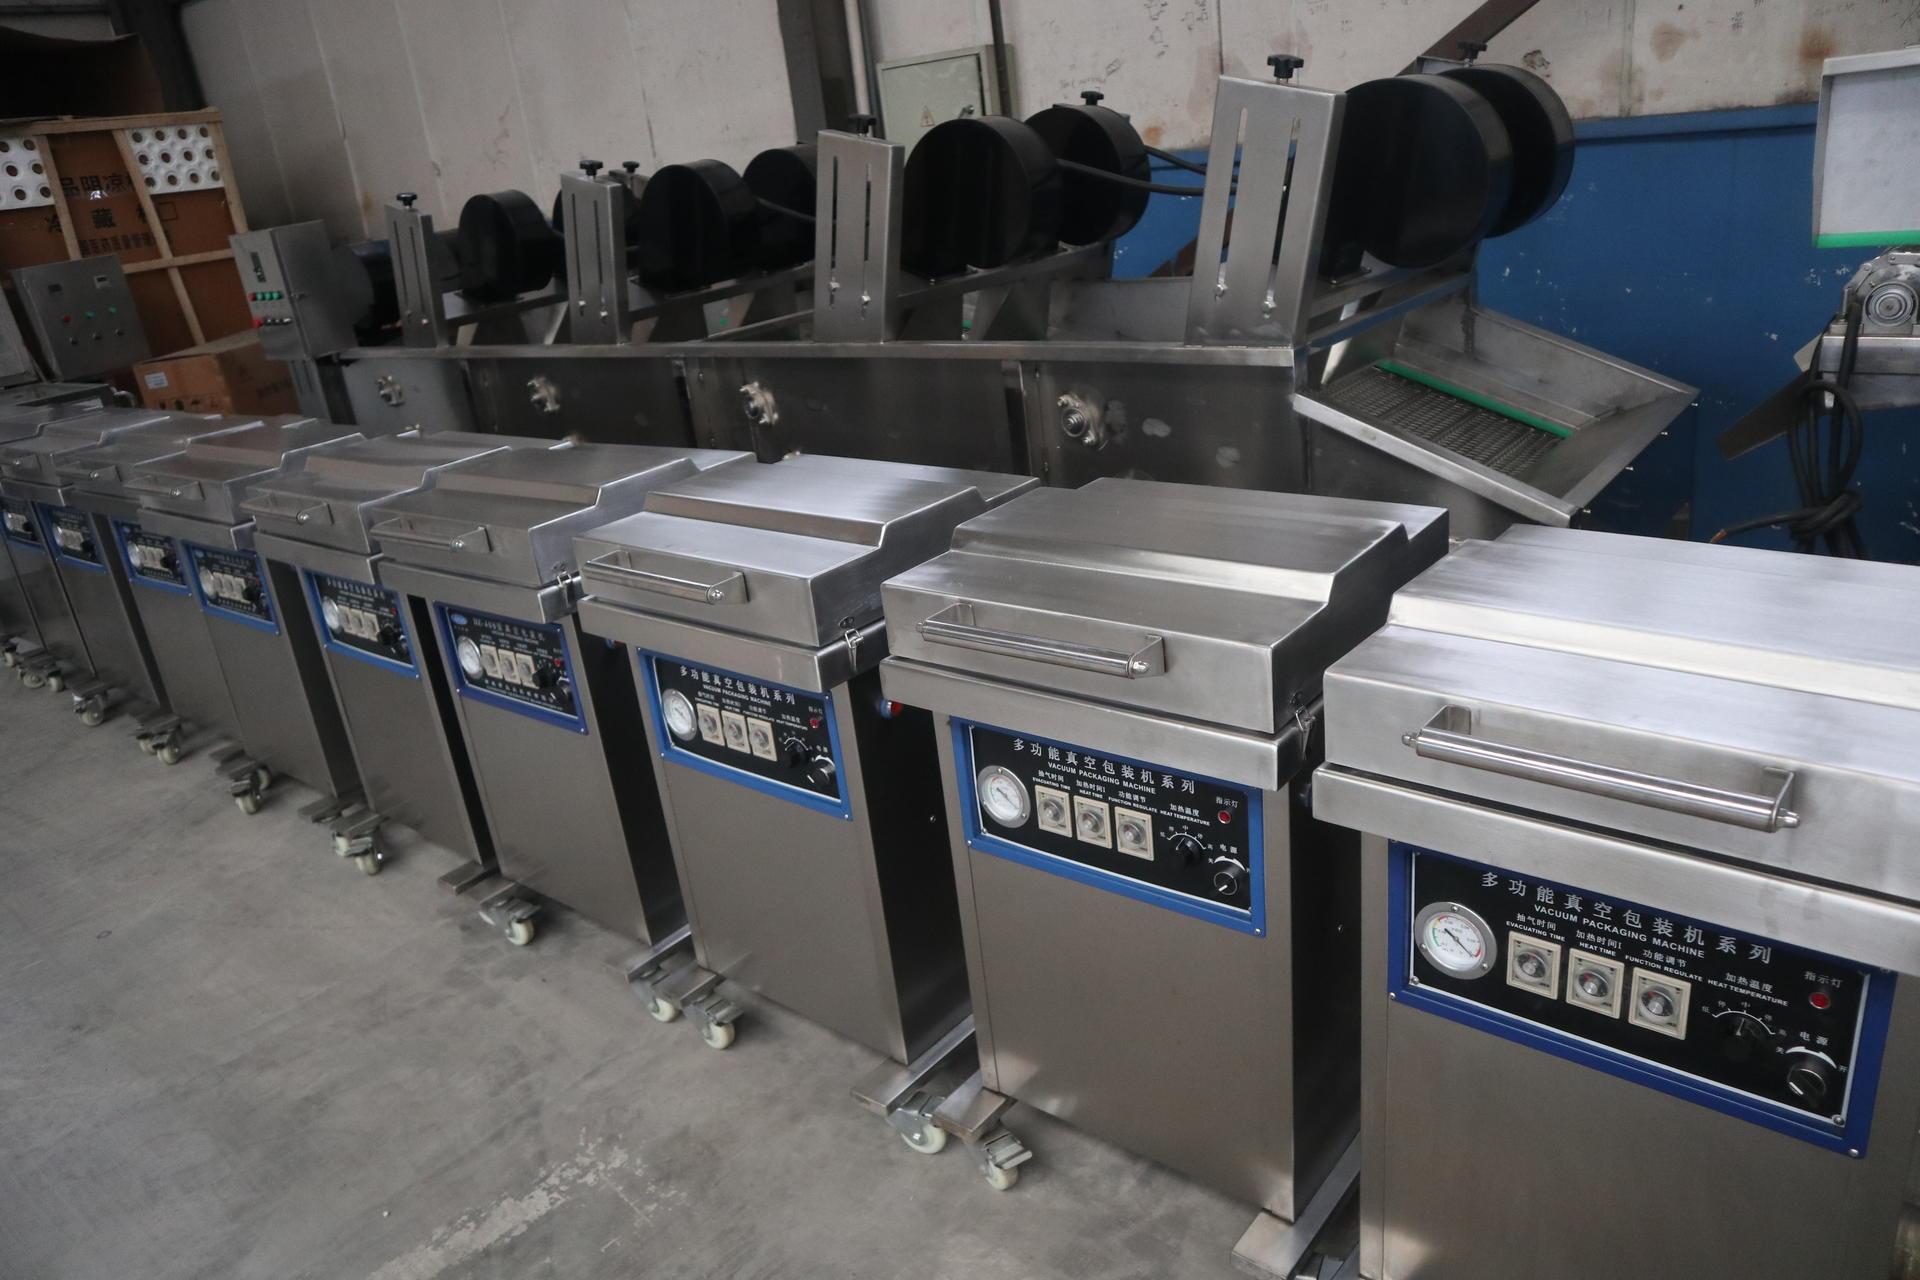 牛肉干加工生产线    牛肉干设备全套生产线介绍    四川牛肉干加工生产线厂家示例图15